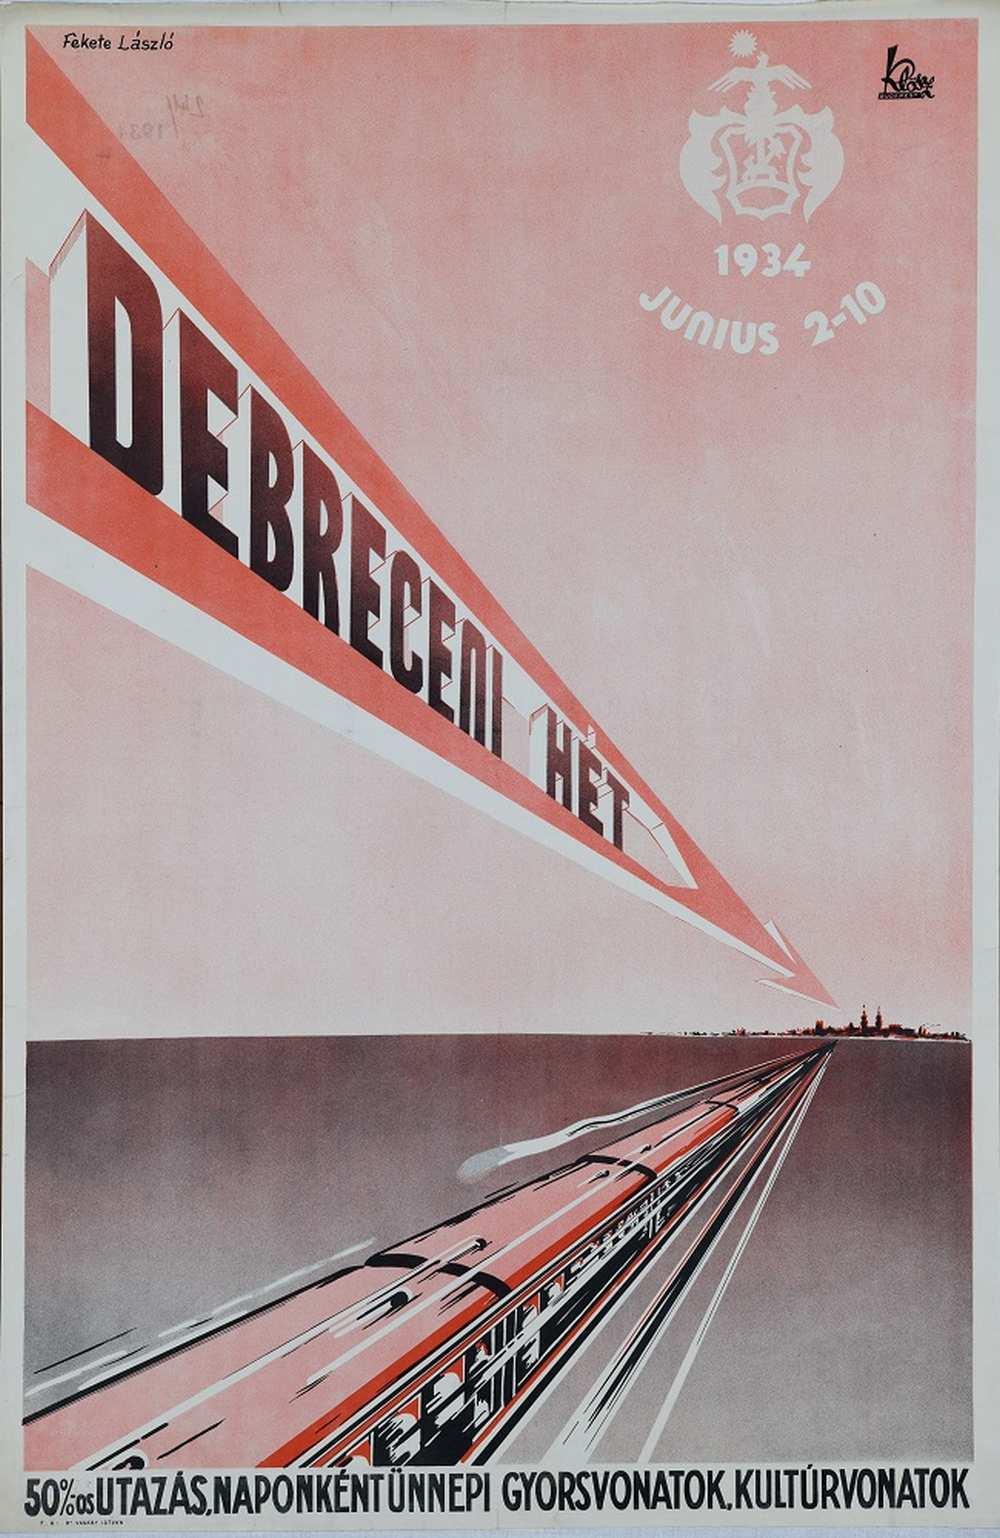 Fekete László: Debreceni hét (1934). Jelzet: PKG.1934/241 – Térkép-, Plakát- és Kisnyomtatványtár http://nektar.oszk.hu/hu/manifestation/2800785